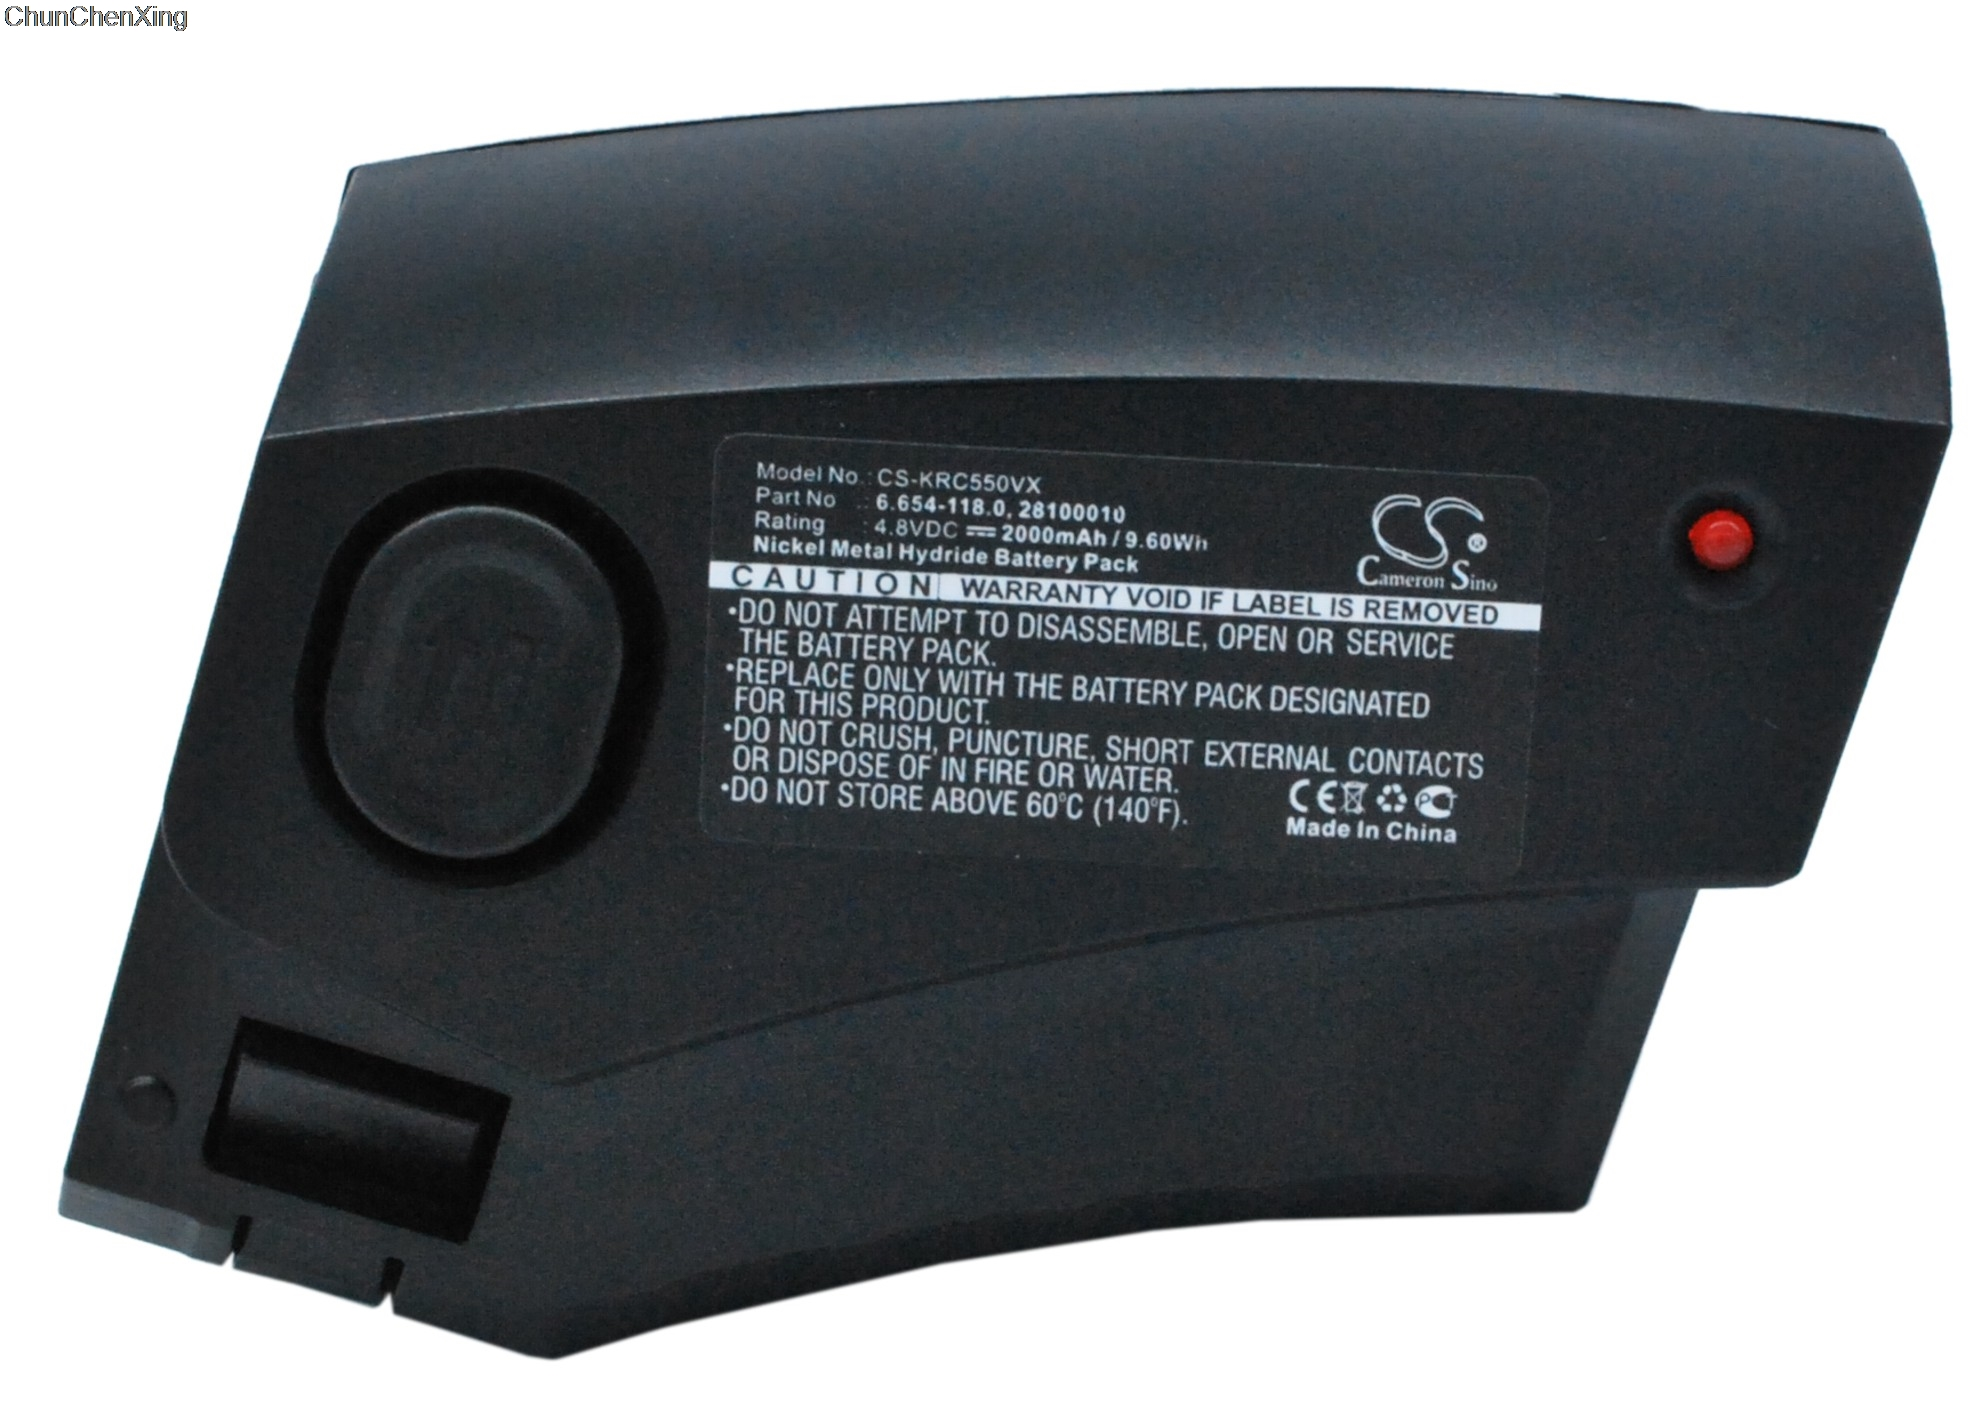 Кэмерон Sino 2000mAh аккумулятор 28100010, 6,654 118,0 для Karcher 1,258 505,0, 12585050,1258 5050, KC55